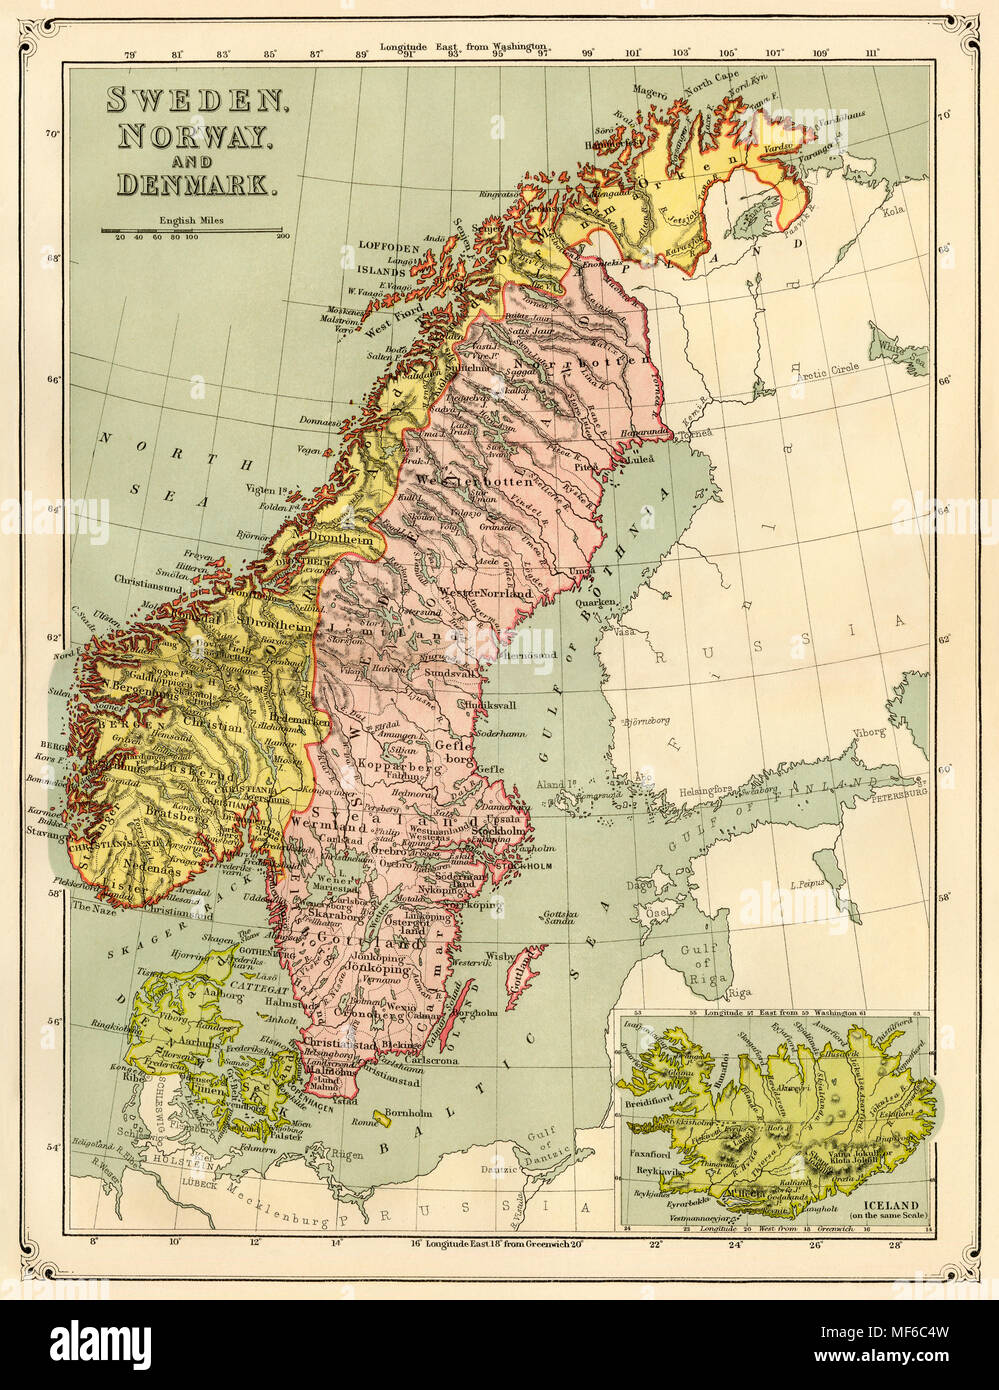 Karte Norwegen Schweden.Karte Von Norwegen Schweden Dänemark Und Island 1870 Gedruckte